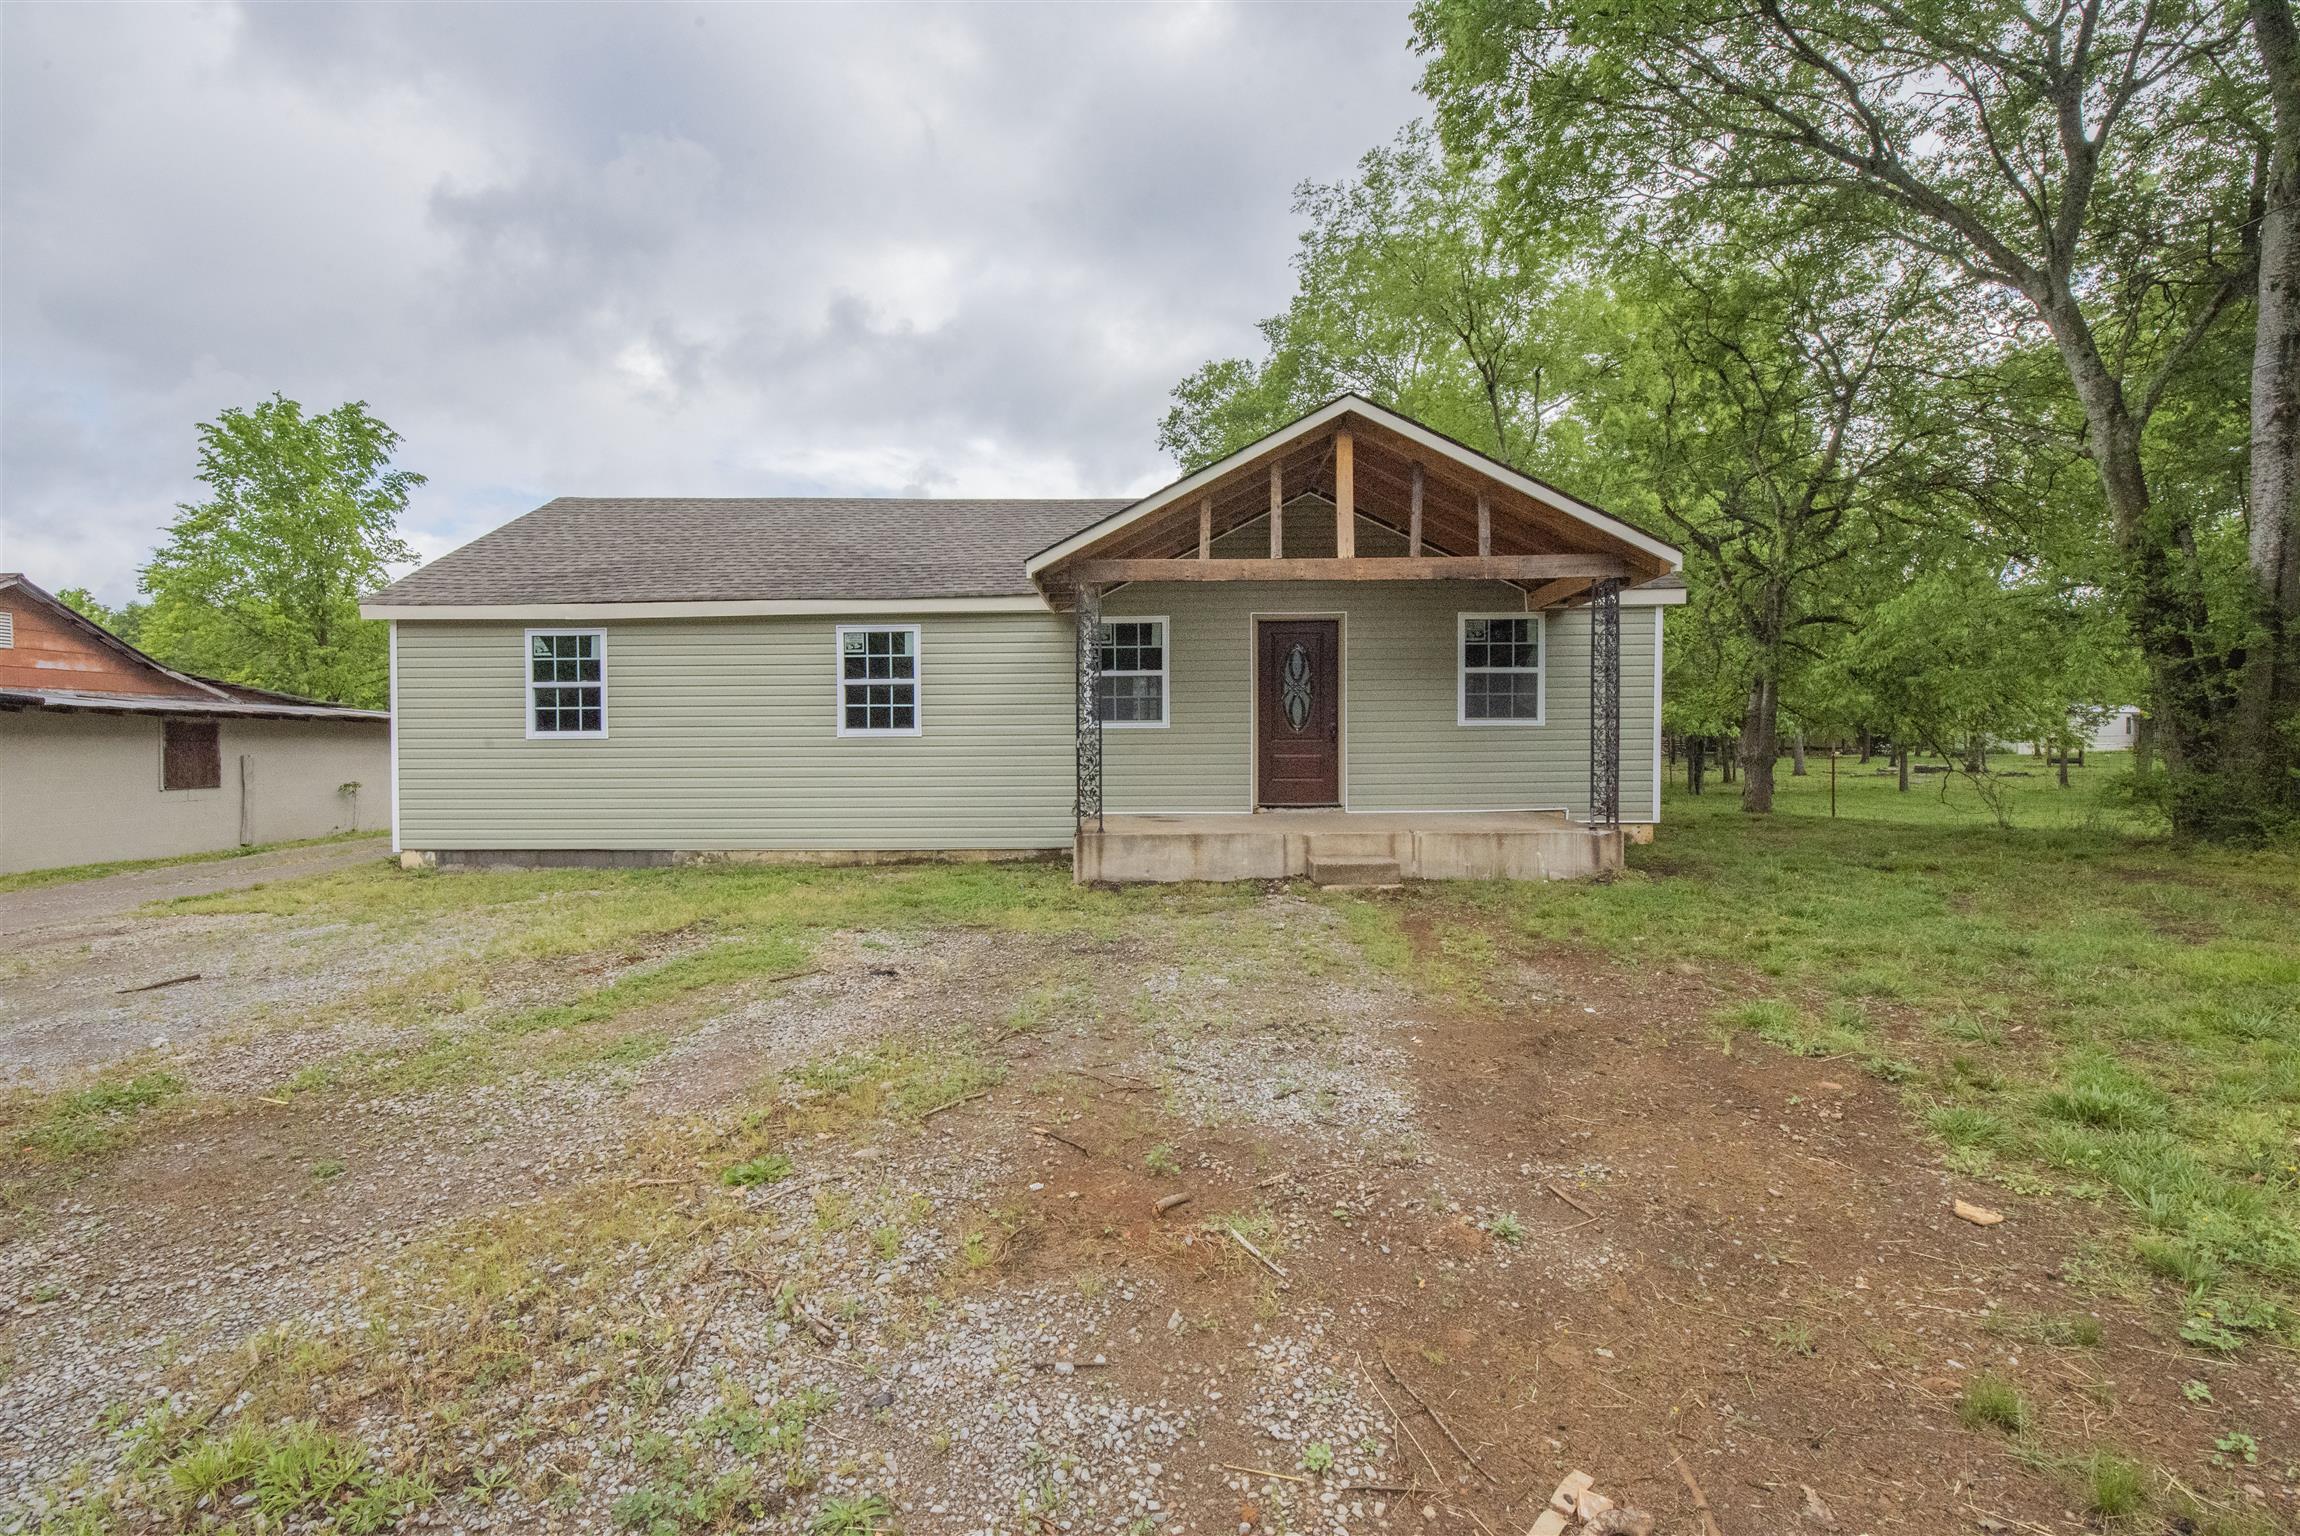 4411 Woodbury Pike, Murfreesboro, Tennessee